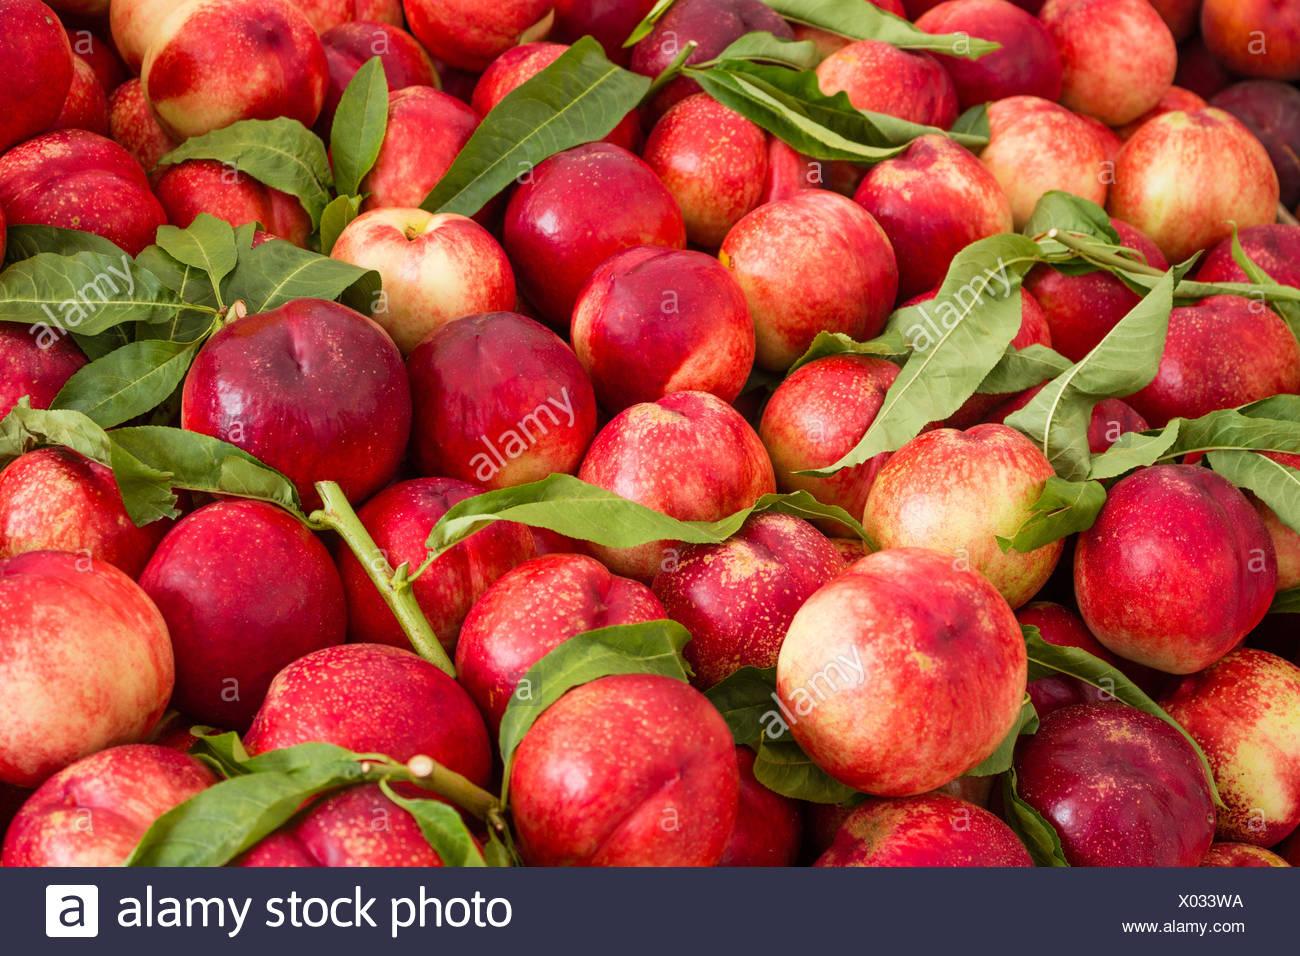 Obst Hintergrund, Nektarinen und Pfirsiche fruchtig Stockbild